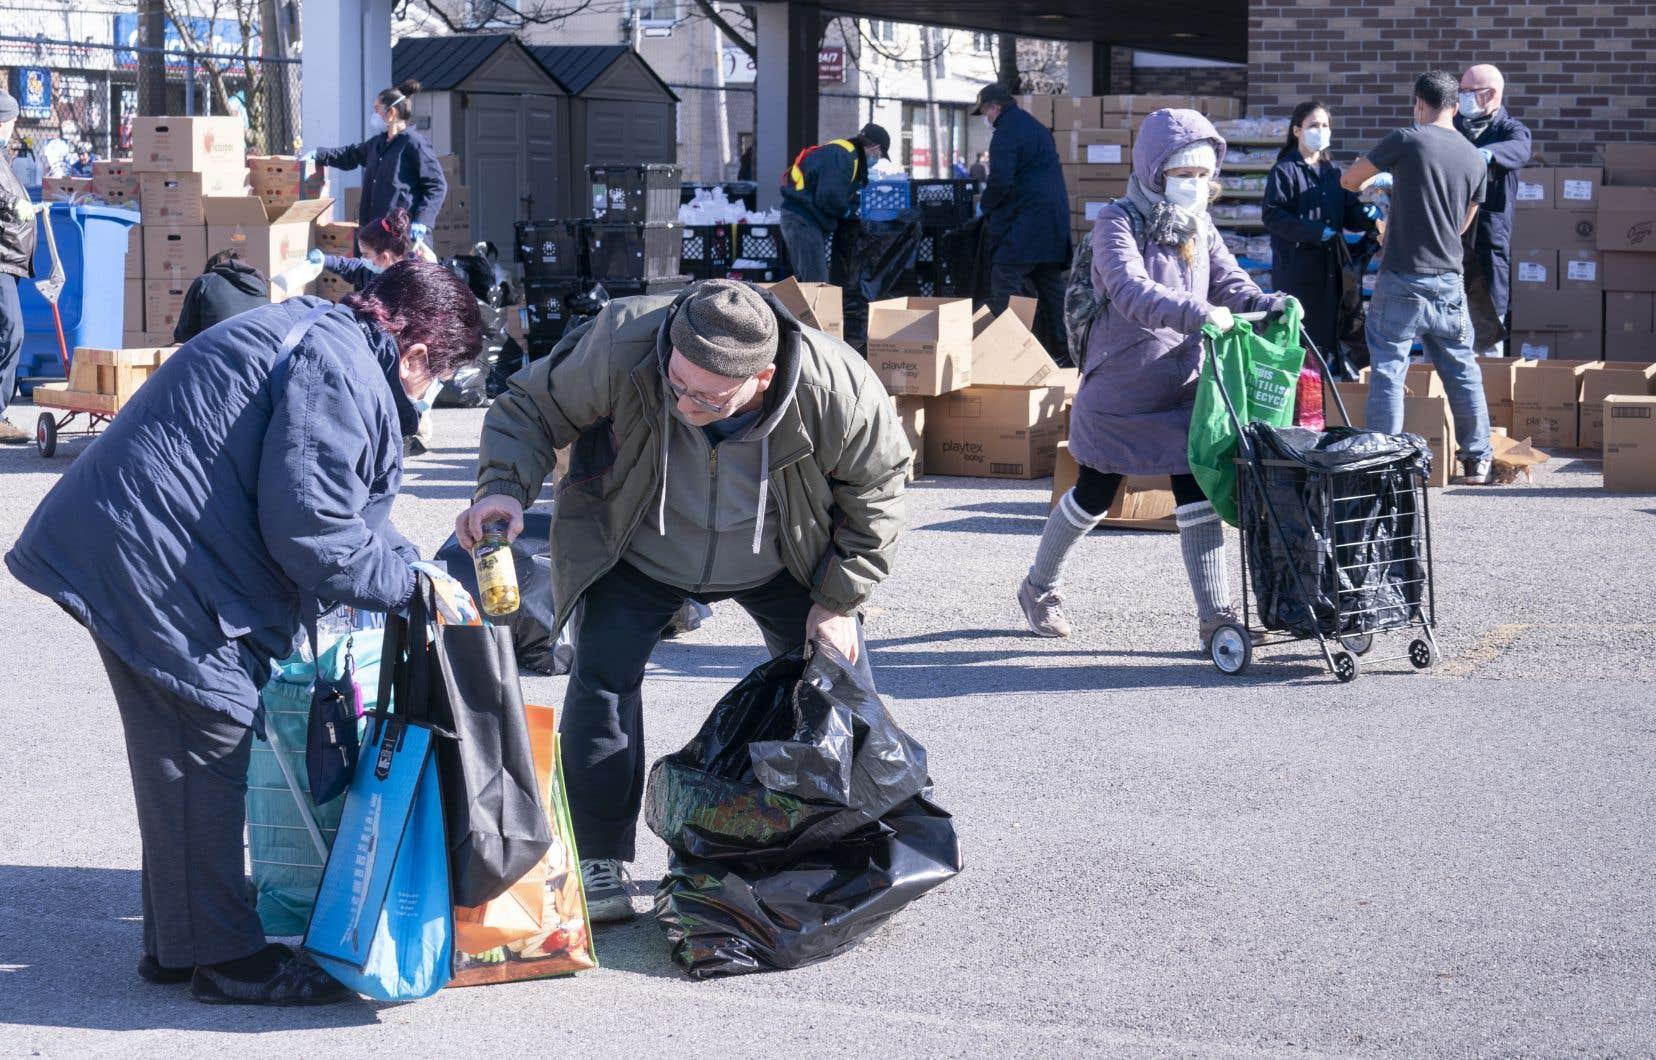 «Il est difficile d'imaginer comment le gouvernement aurait pu en faire moins pour aider les personnes en situation de pauvreté à traverser la crise», écrit l'auteur.